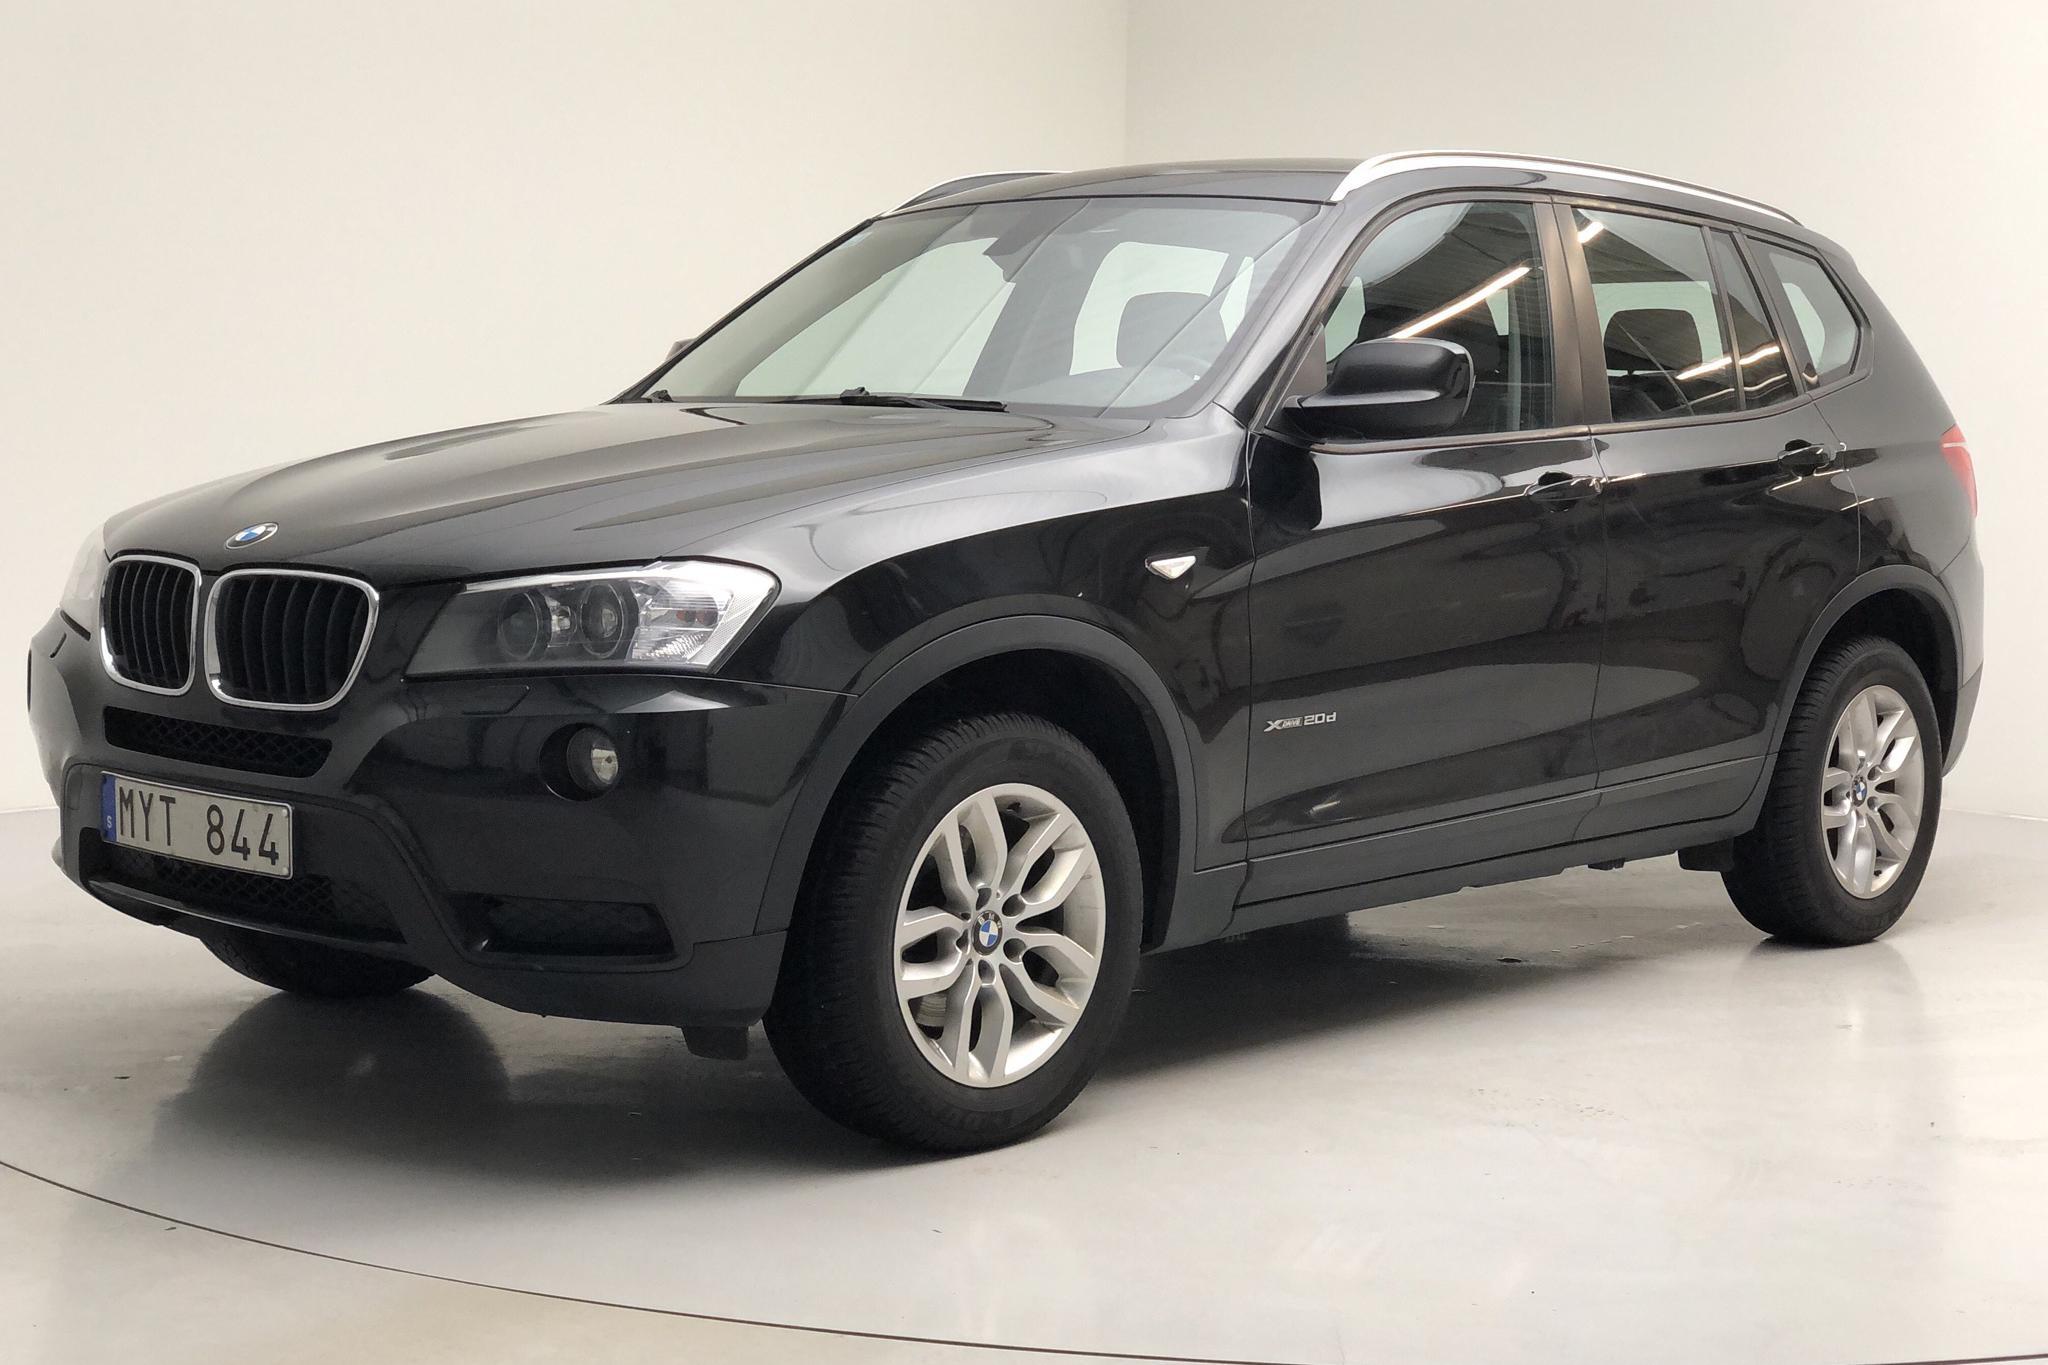 BMW X3 xDrive20d, F25 (184hk) - 200 910 km - Automatic - black - 2013